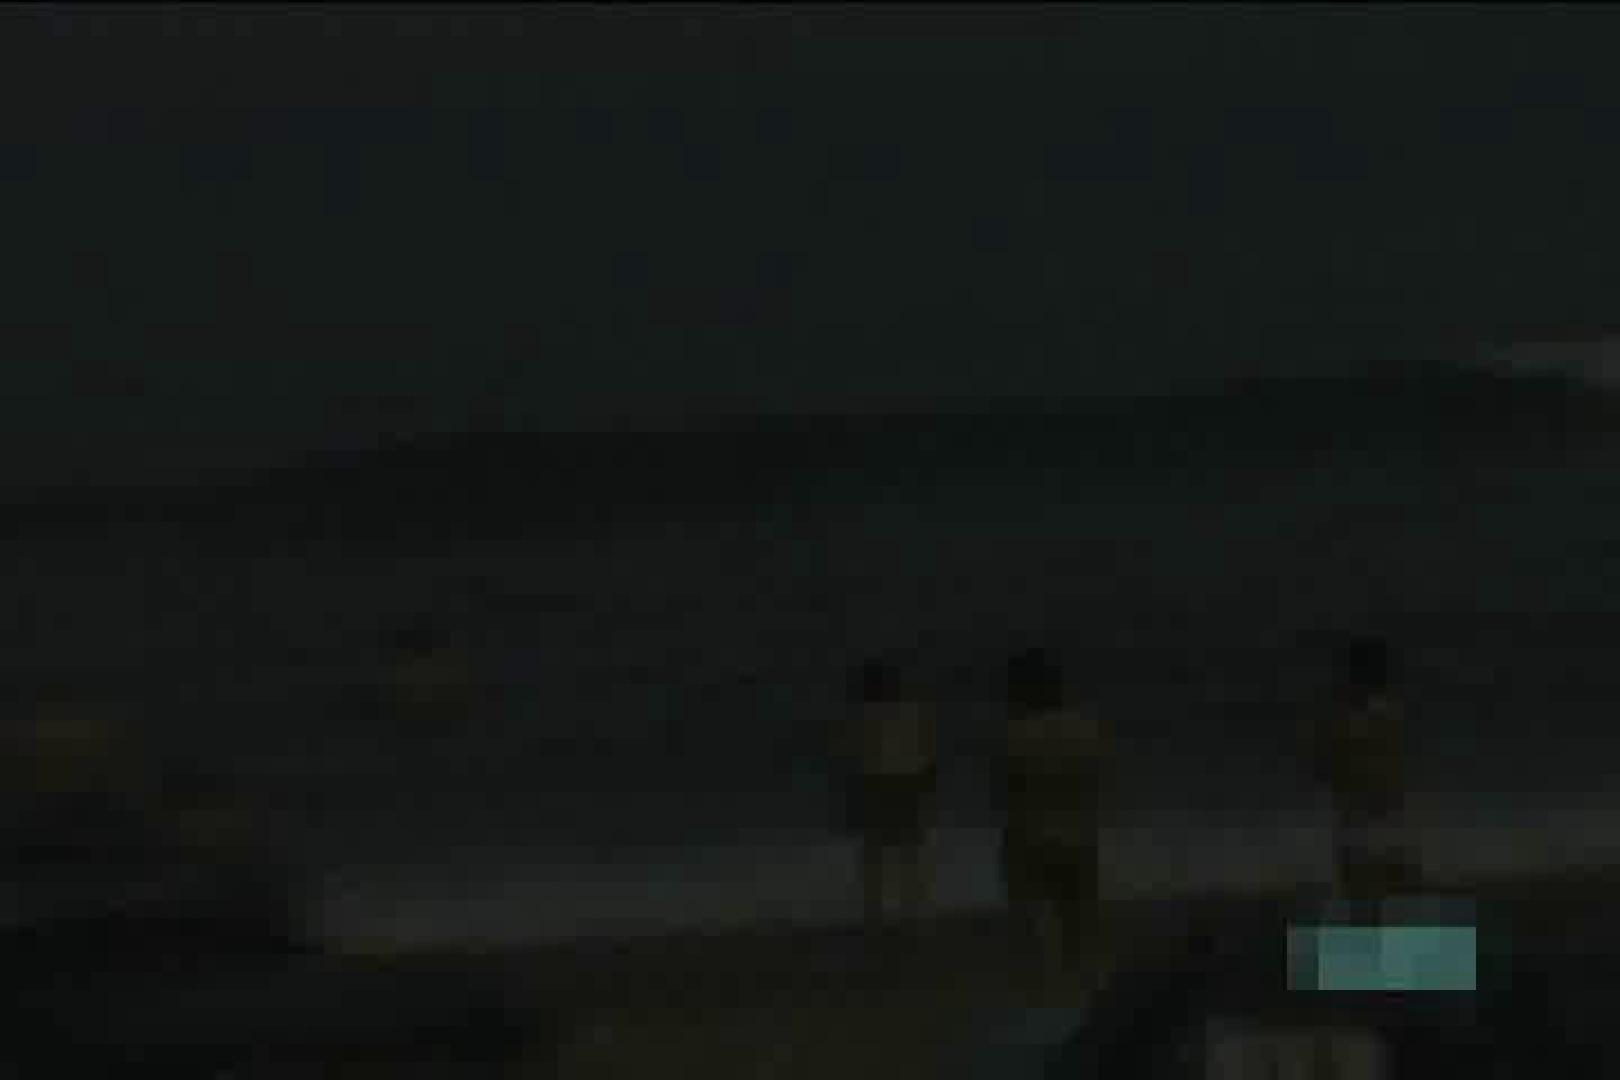 真夏のビーチは危険地帯Vol.3 小悪魔ギャル エロ画像 79連発 6